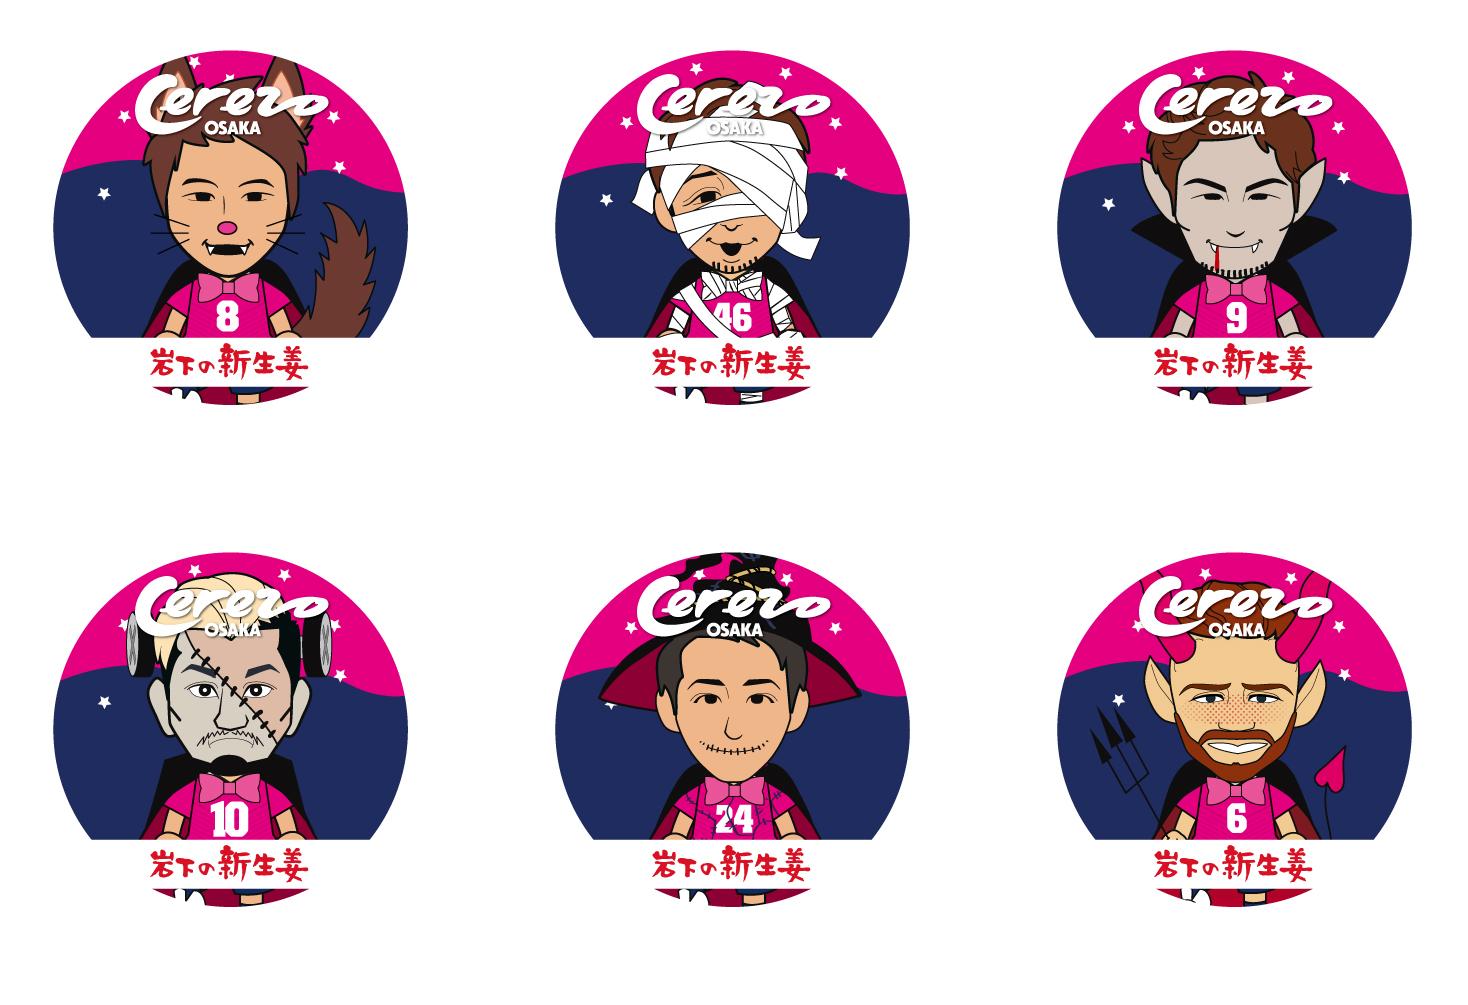 岩下の新生姜×セレッソ大阪「CEREZO OSAKA Pink Halloween」限定シール(デザイン6種)